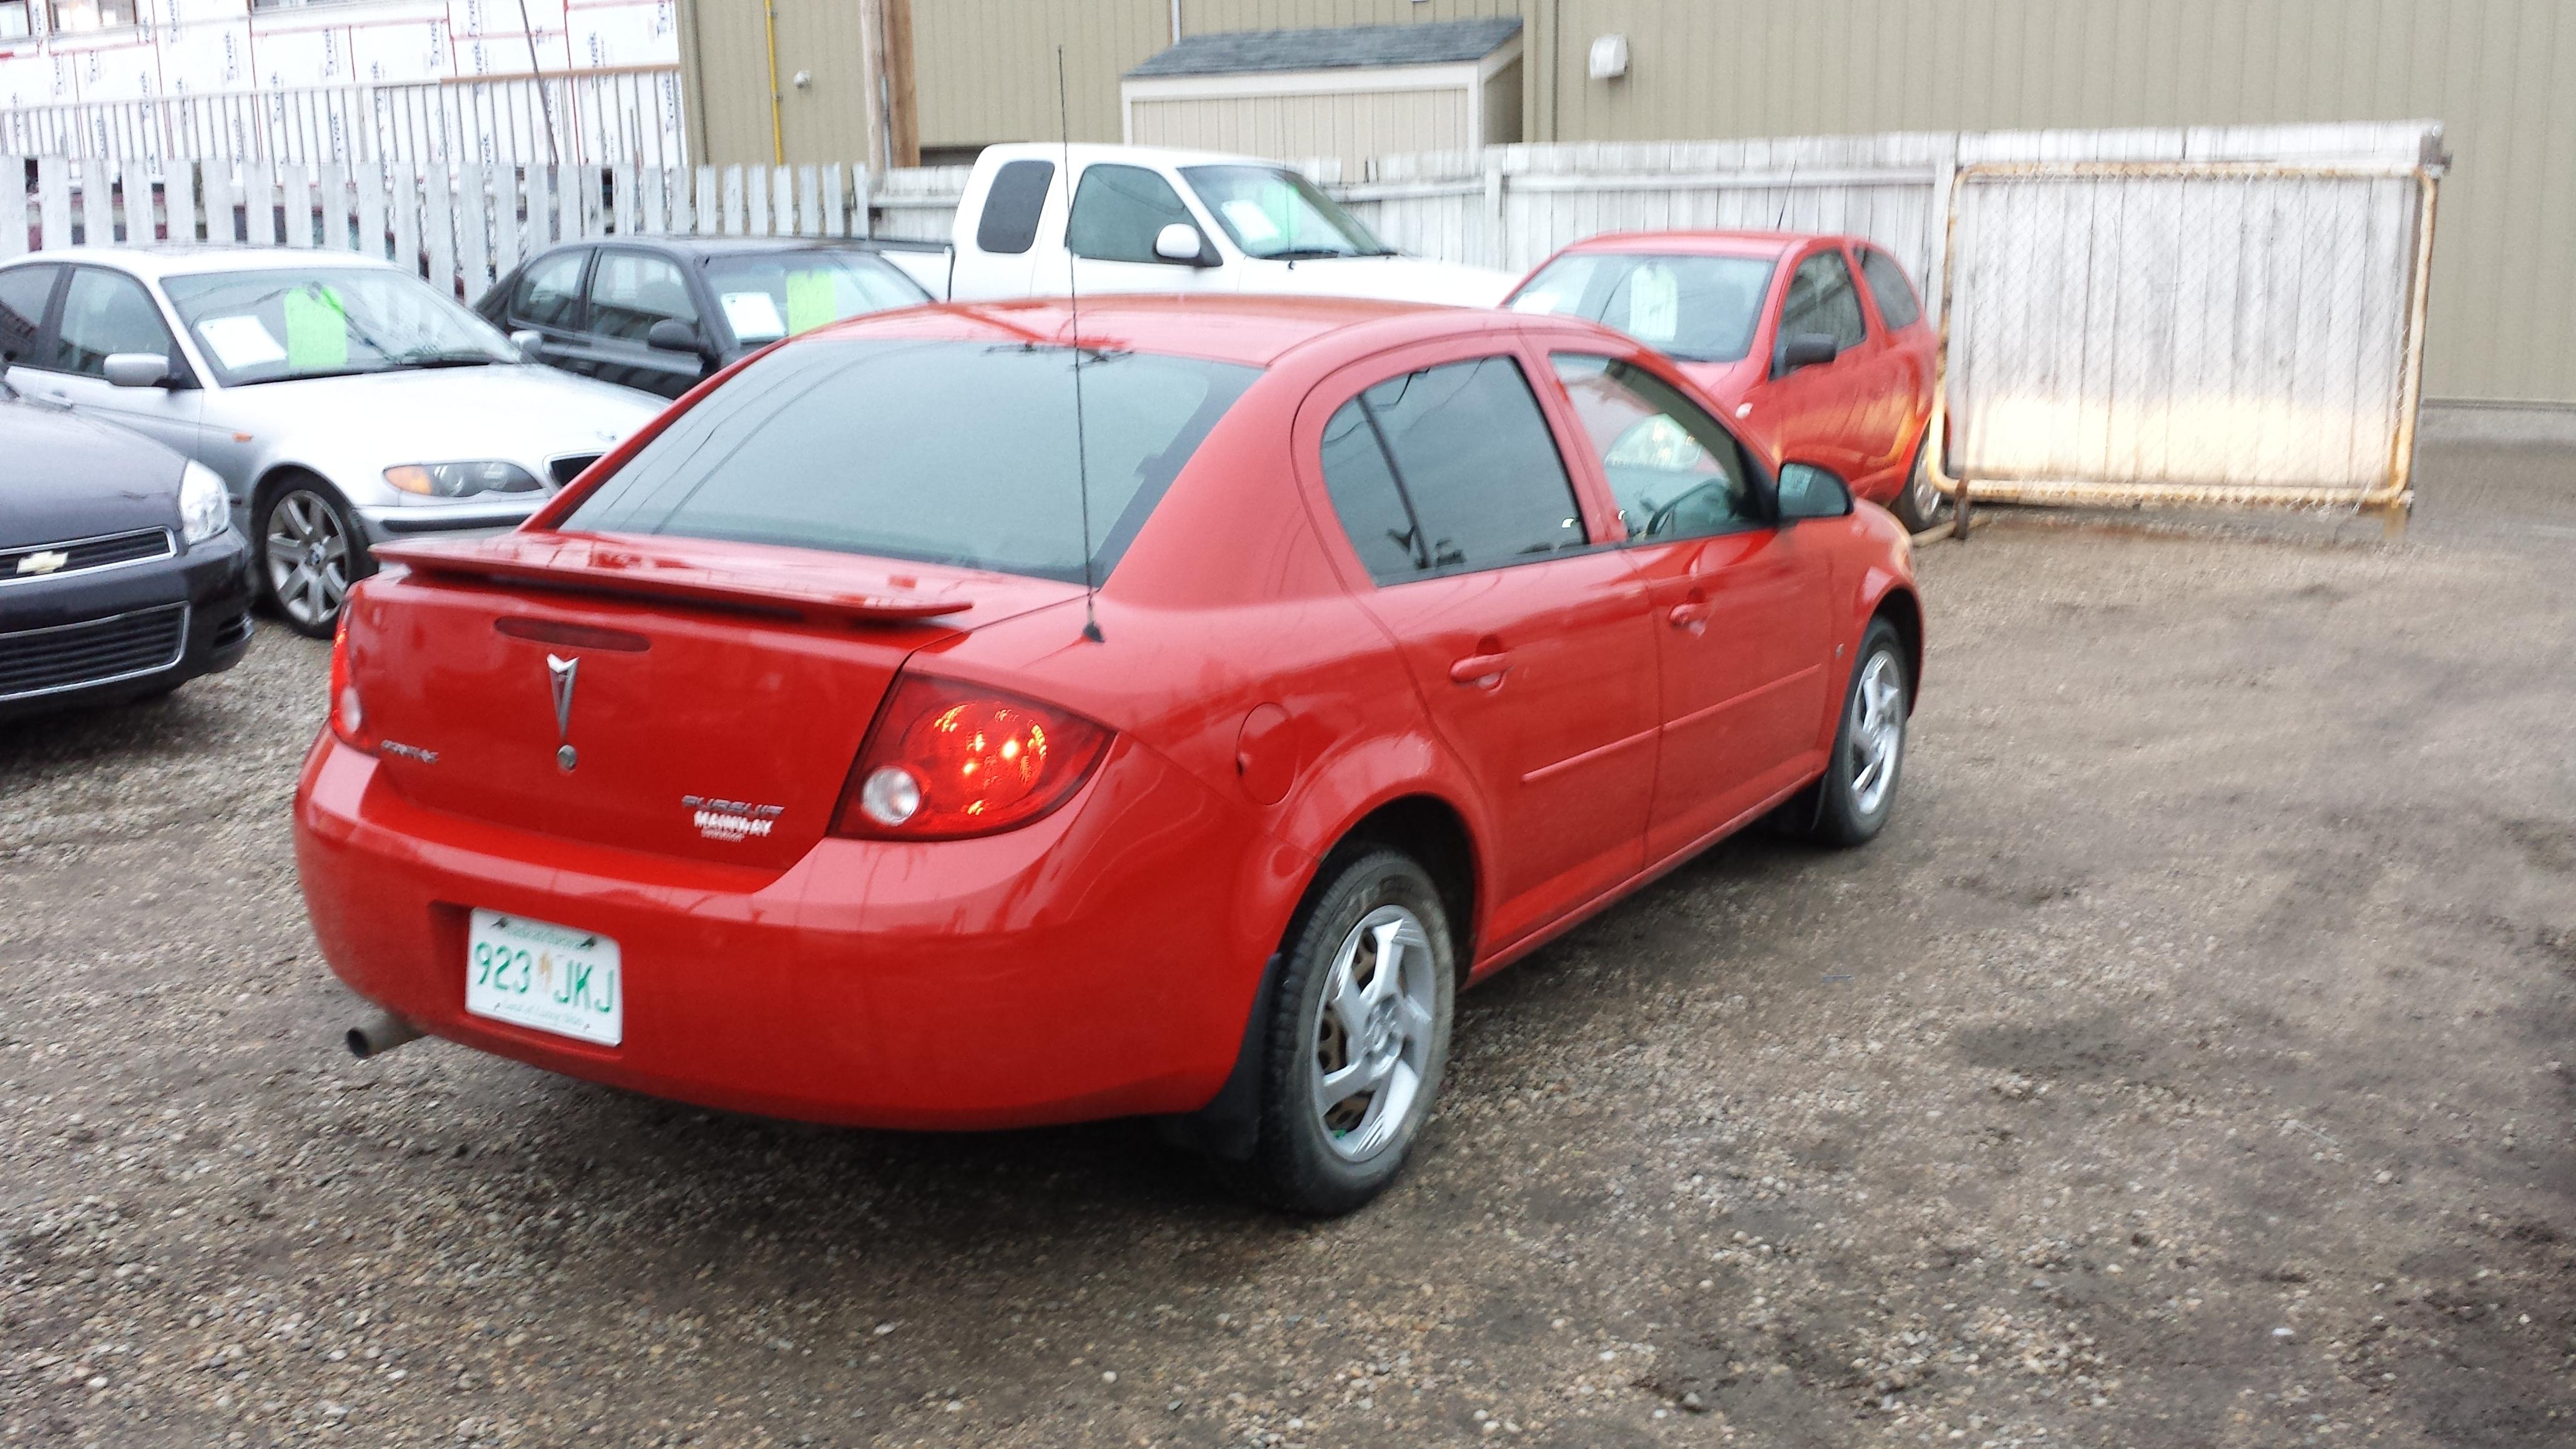 on 2002 Chrysler Sebring Red